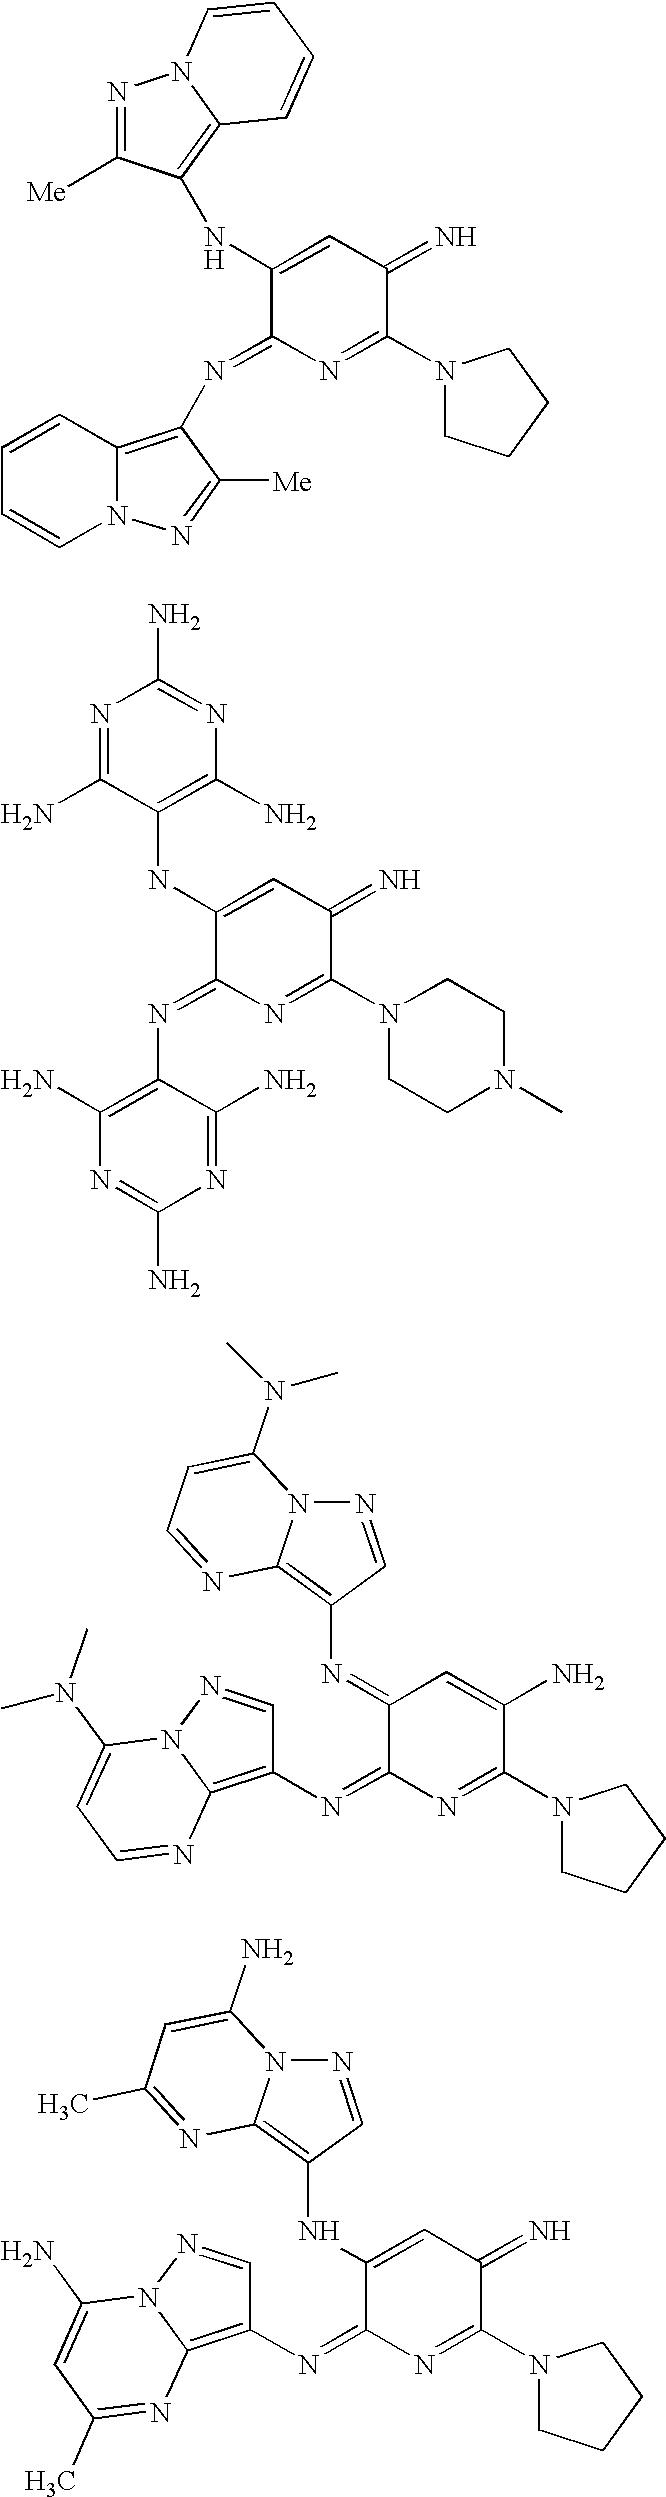 Figure US20050060815A1-20050324-C00017